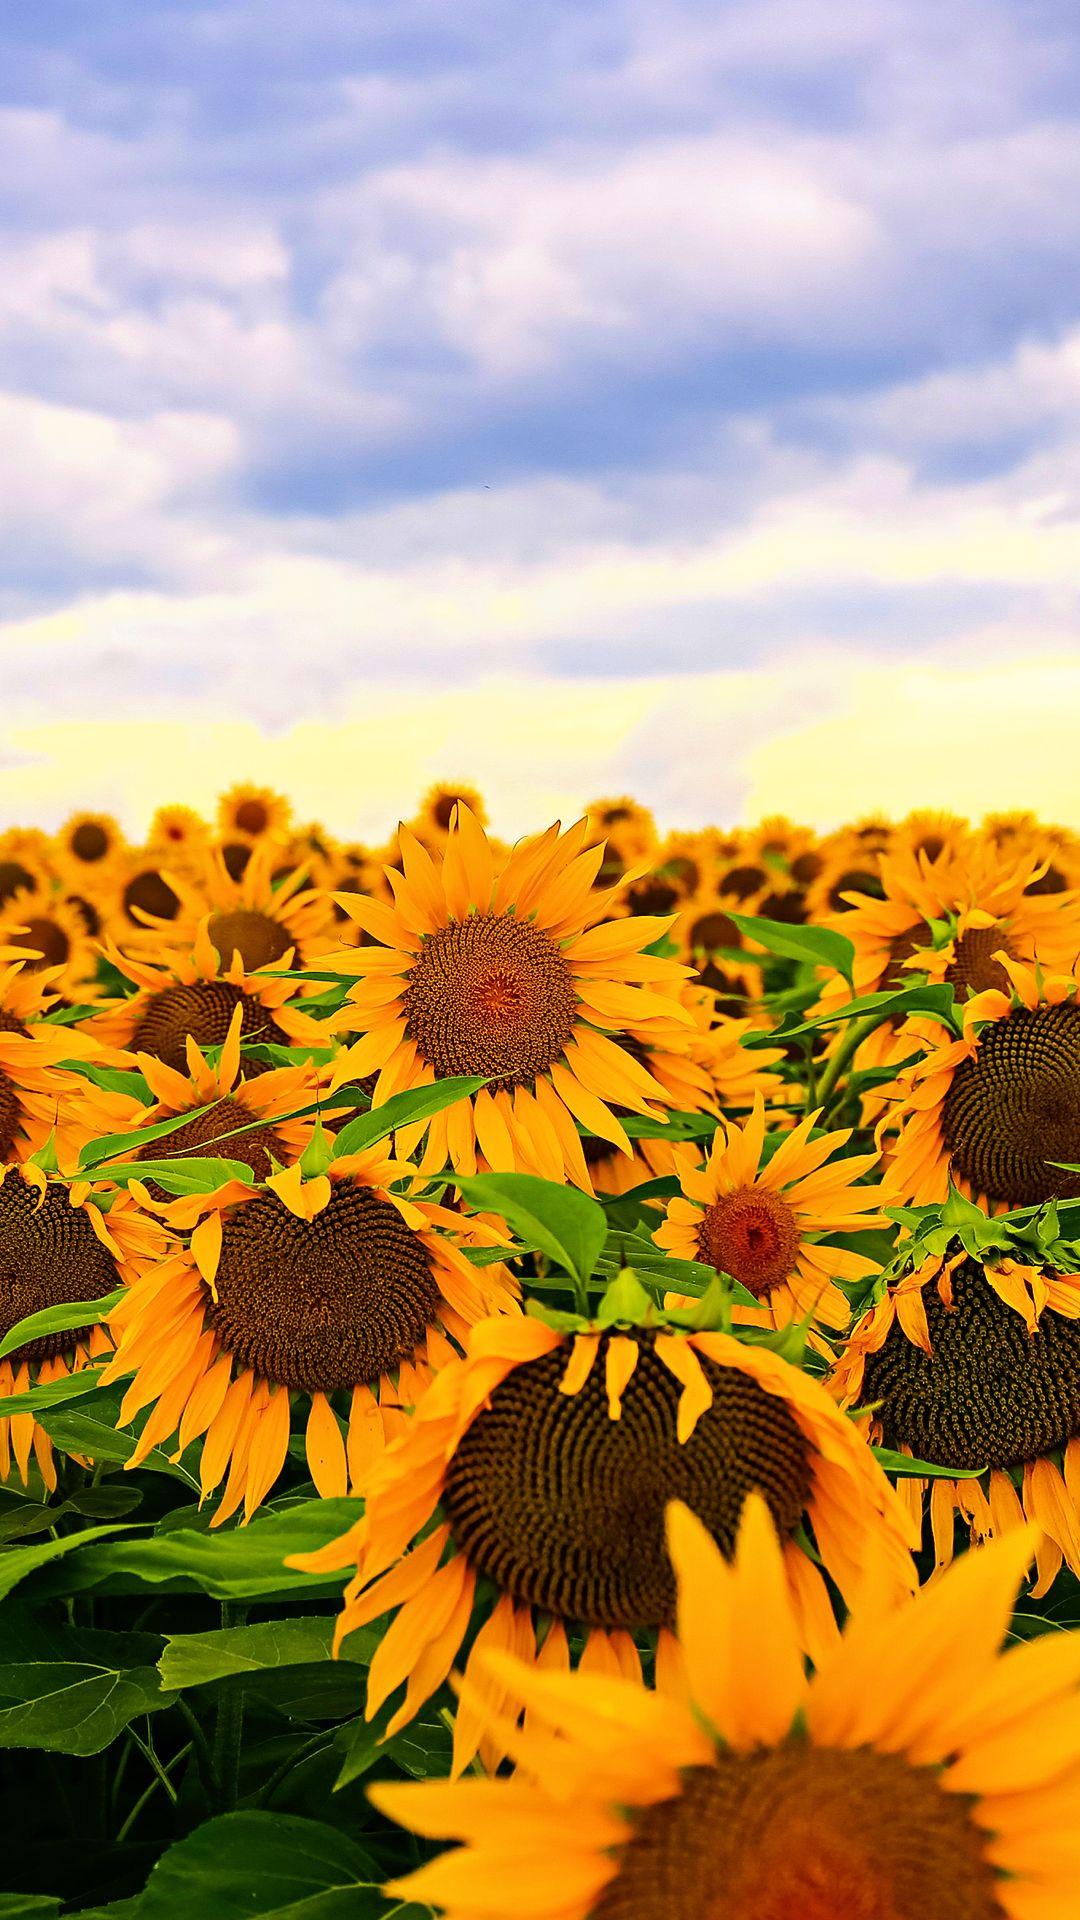 Sunflower Wallpaper Desktop : sunflower, wallpaper, desktop, Sunflower, Wallpapers, WallpaperDog